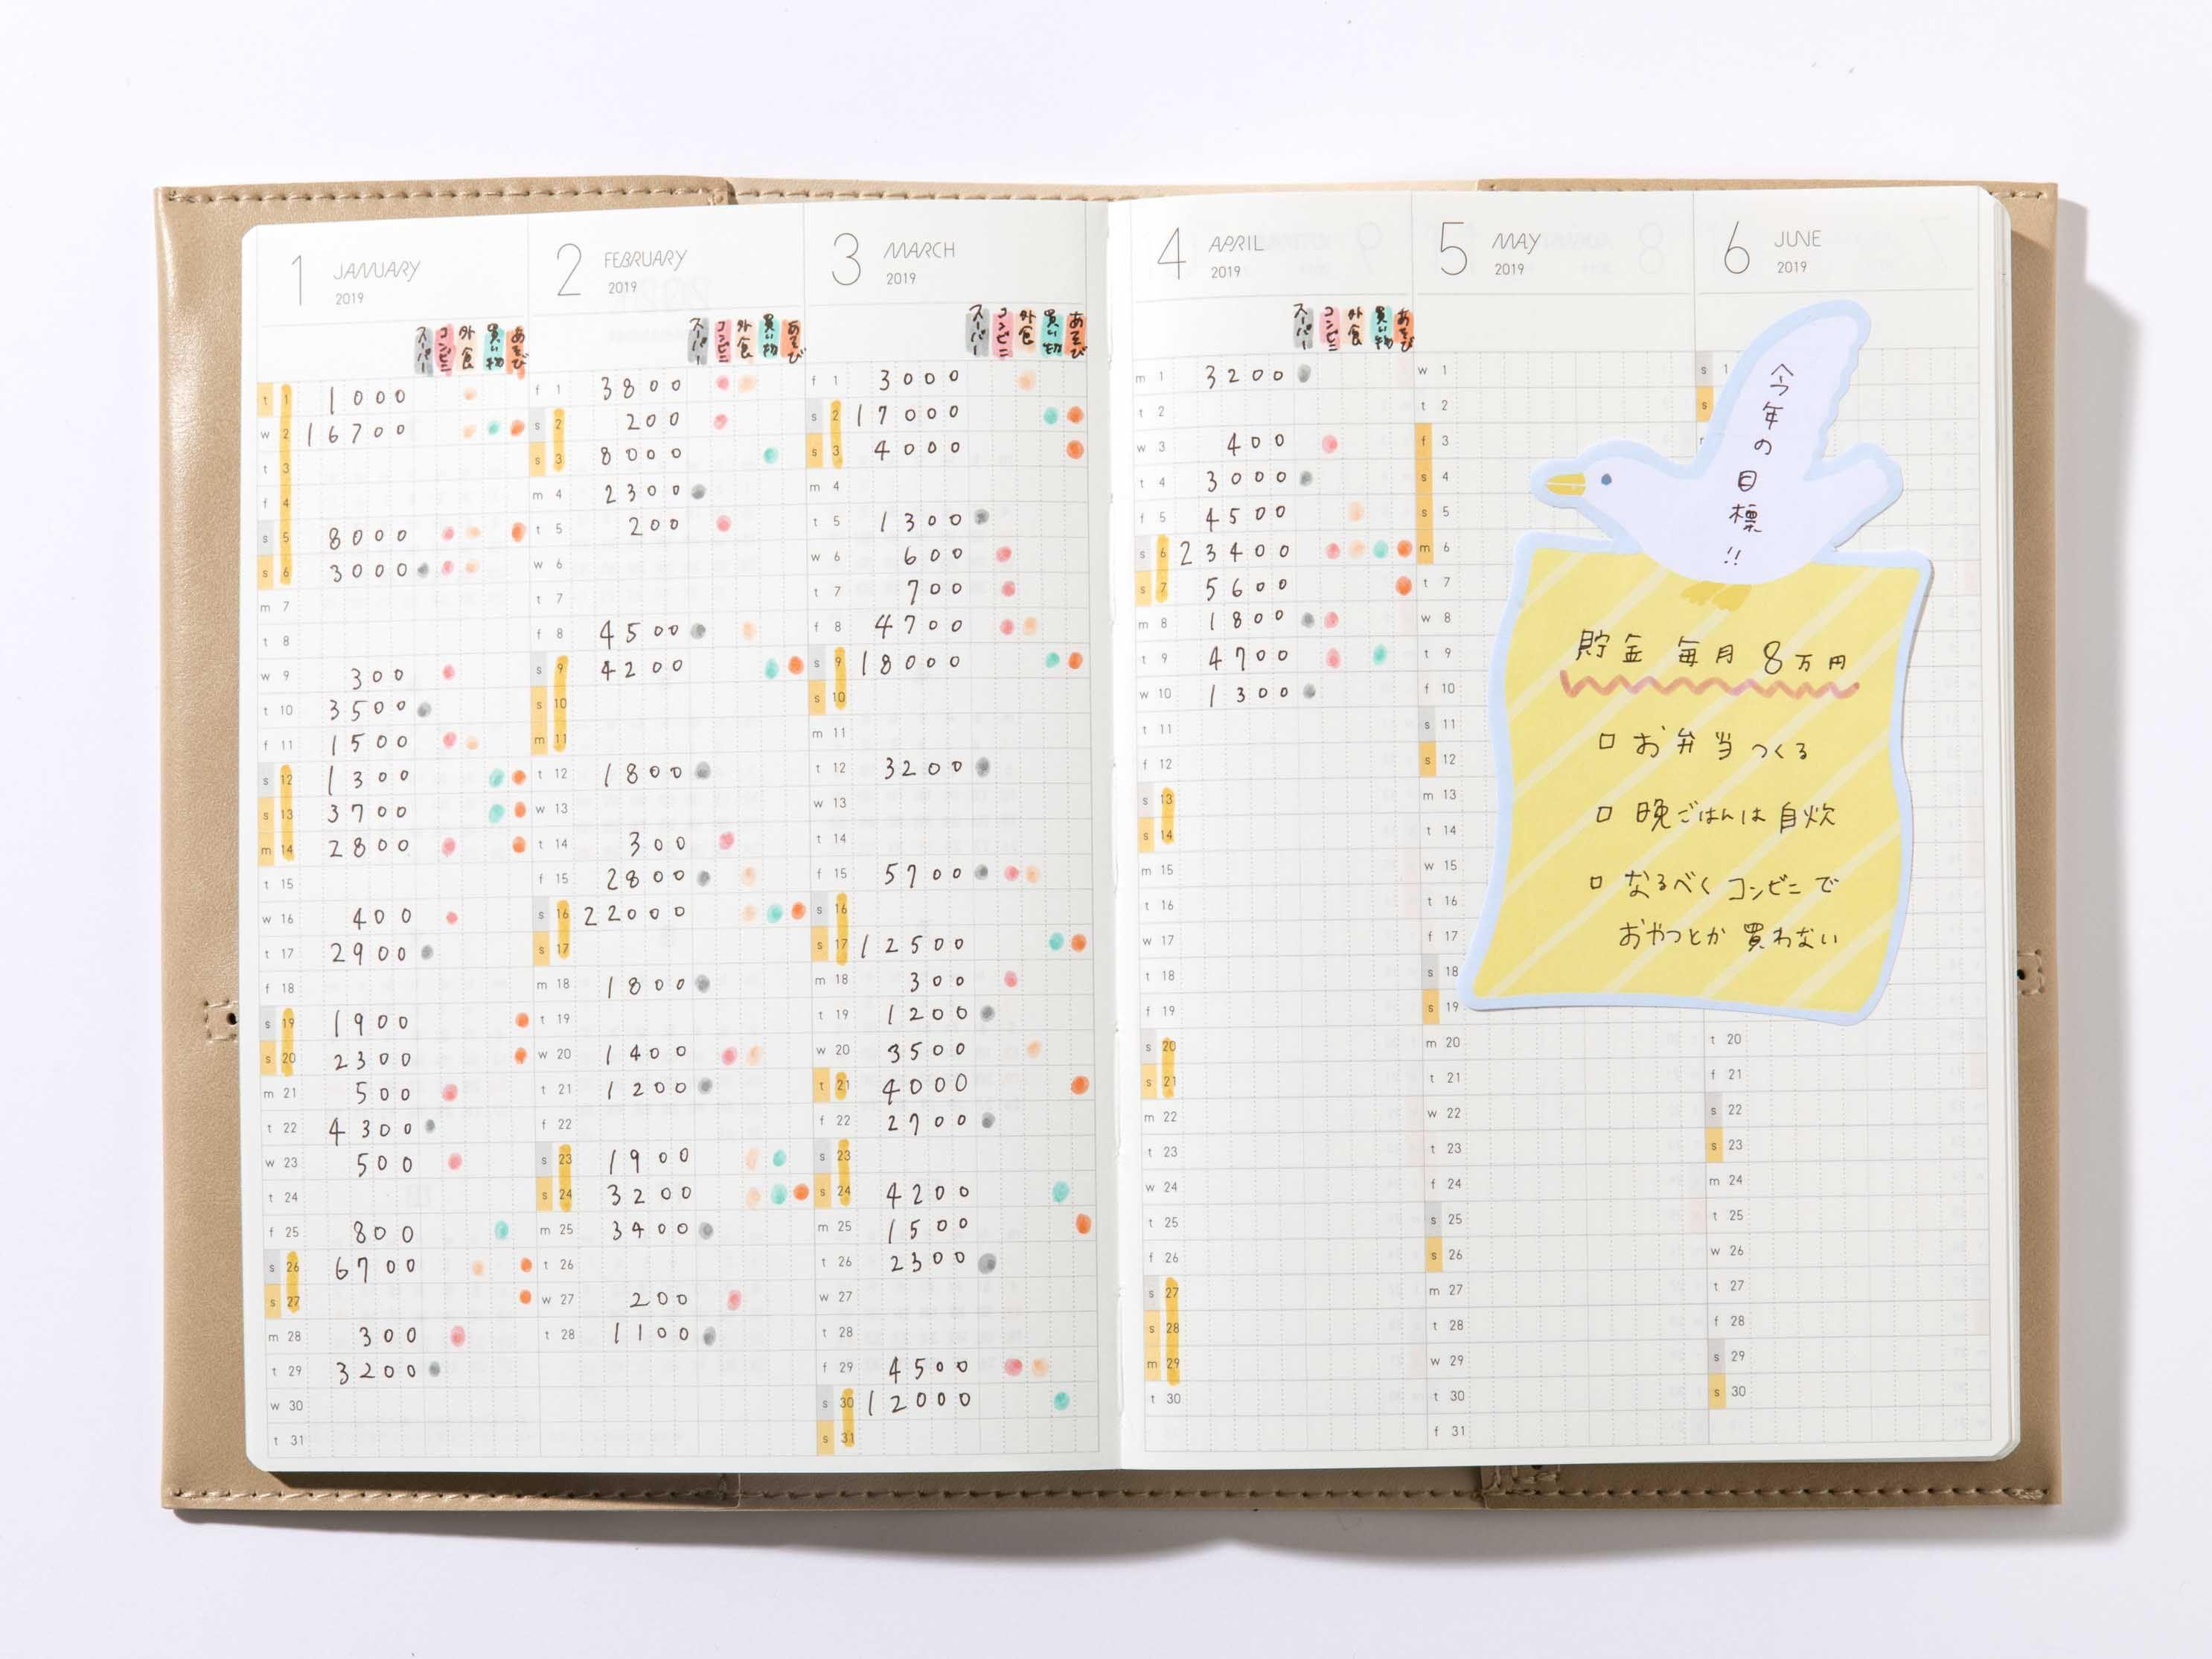 ボード 手帳 スケジュールブック のピン